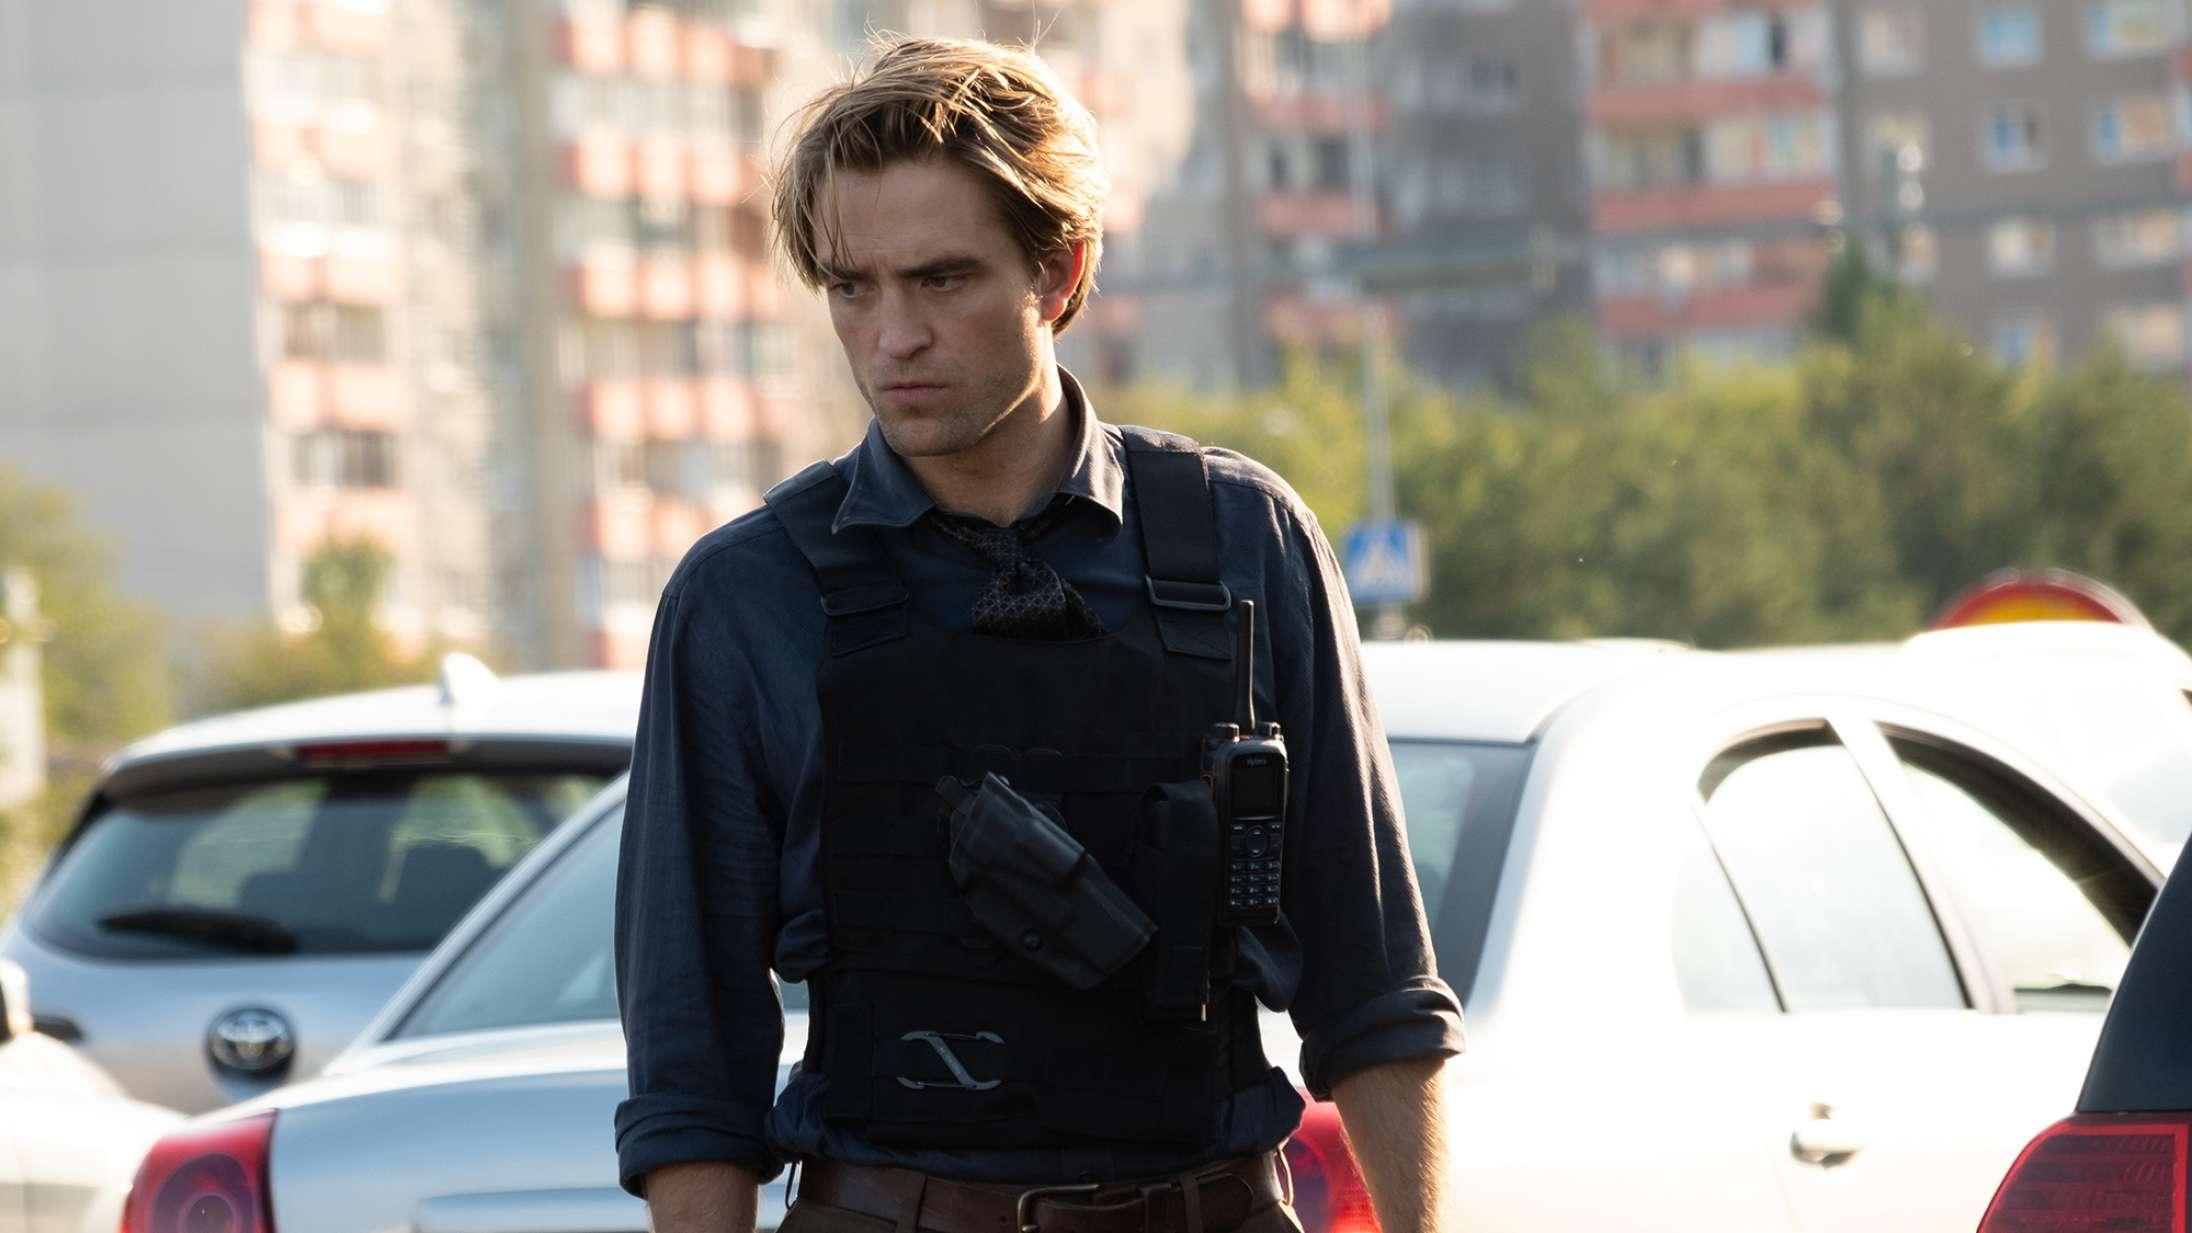 'Tenet'-fanteori om Robert Pattinsons karakters ophav går internettet rundt